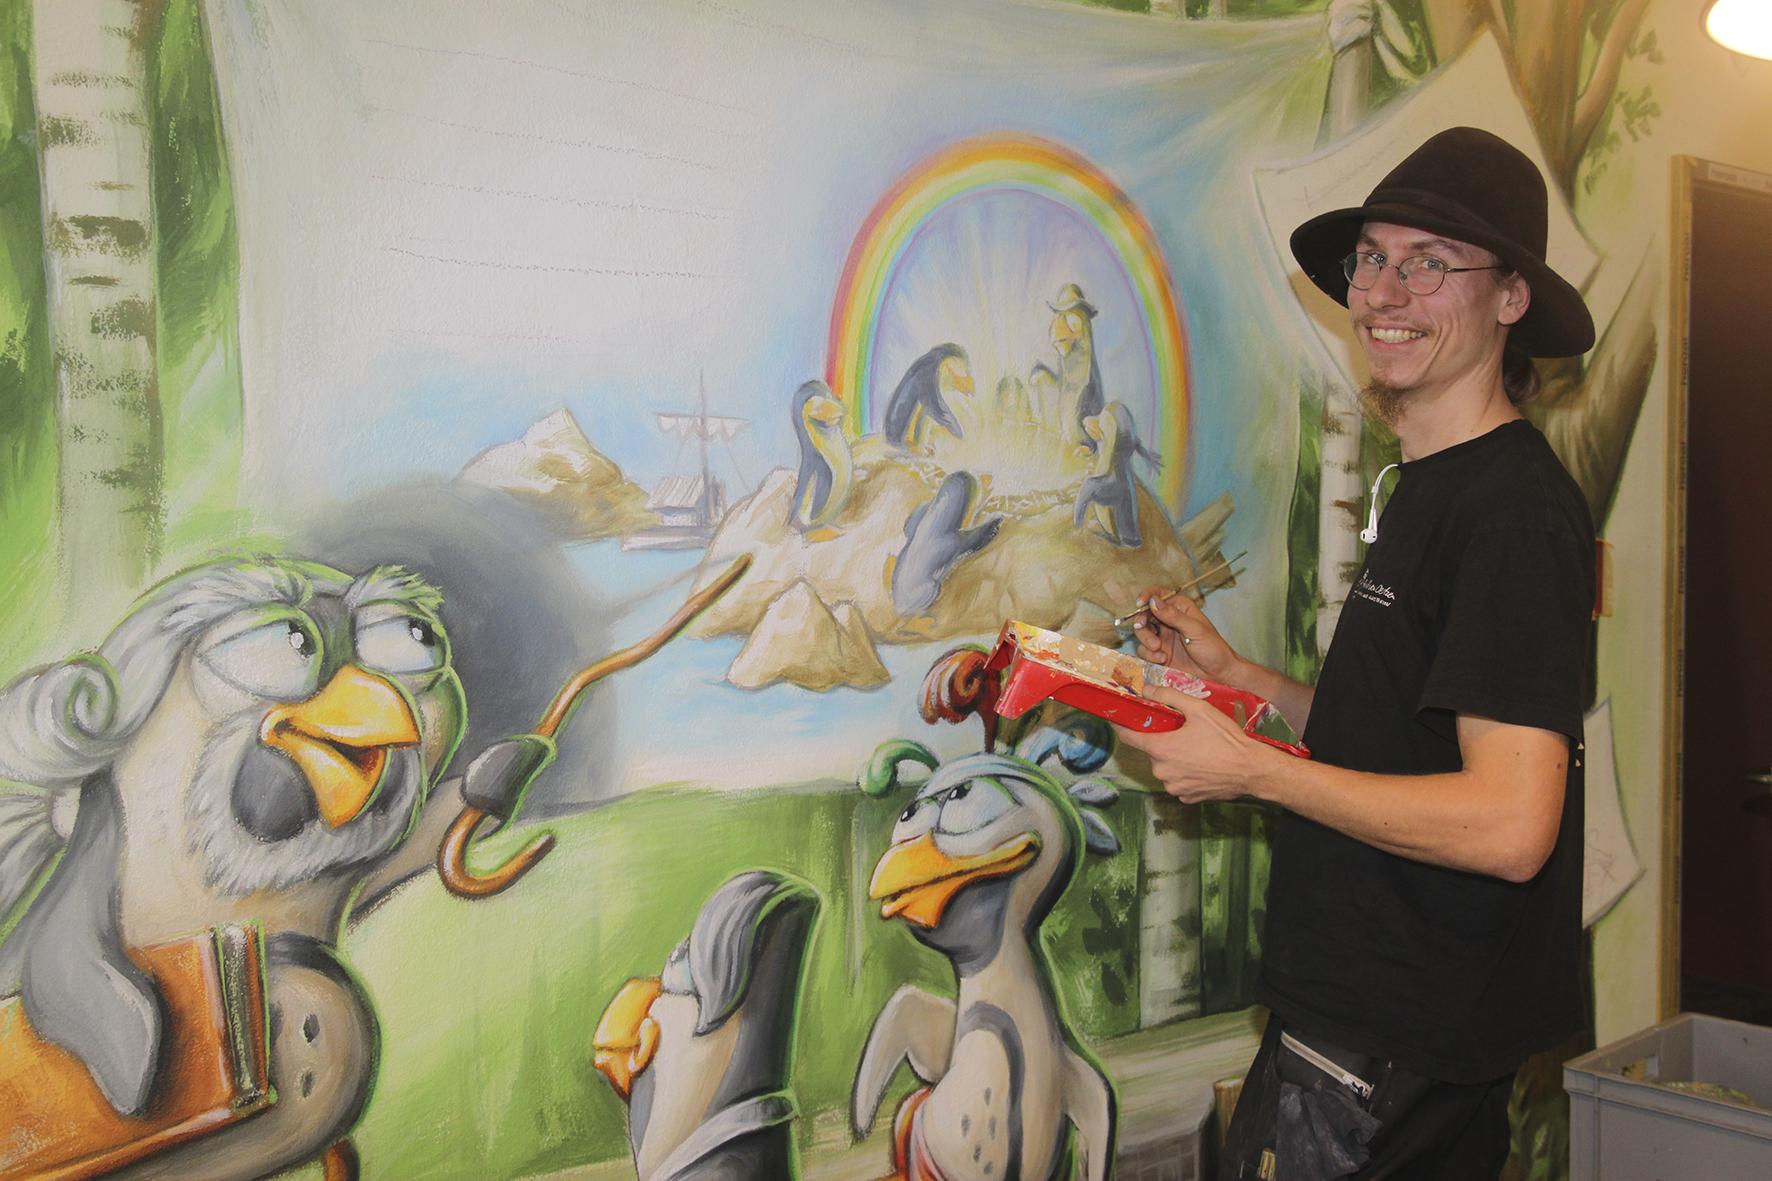 Arvid von Oertzen bei der Arbeit am Live-Wandbild im neuen SPREEWELTEN Bad. (Foto: PR)